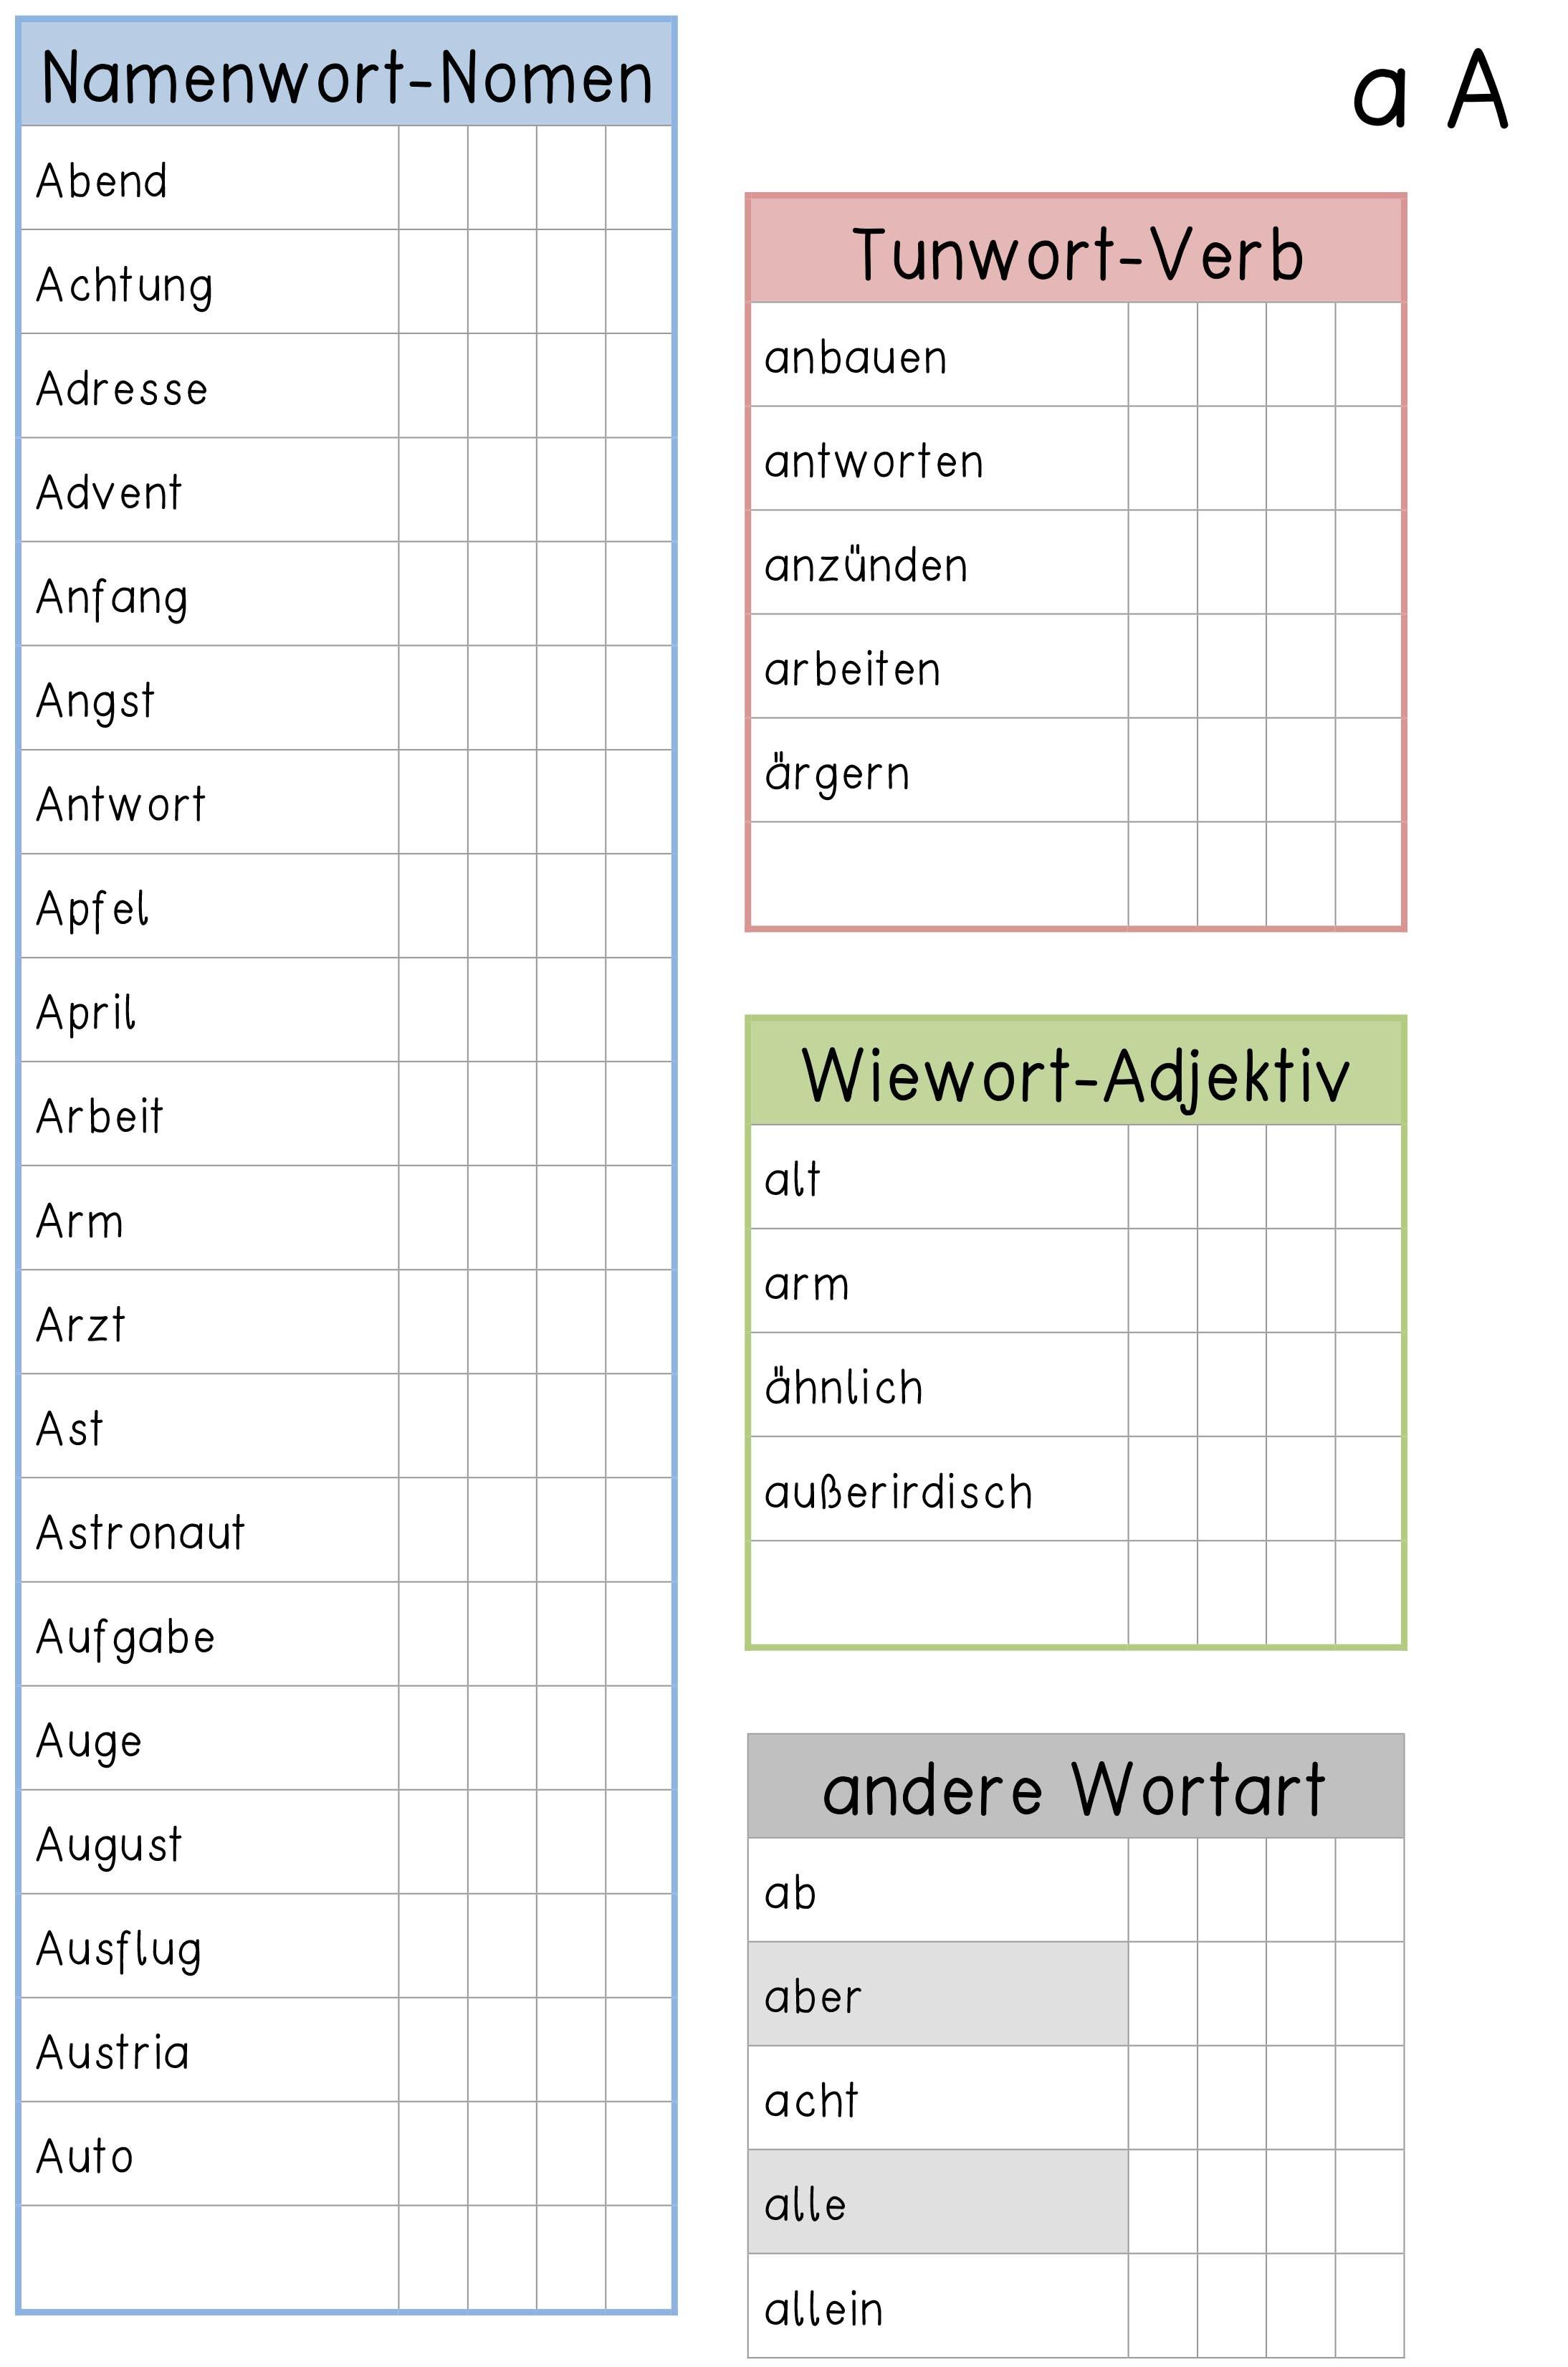 Grundwortschatz   20 wichtige Wörter für die Schülerinnen –  Unterrichtsmaterial im Fach Deutsch